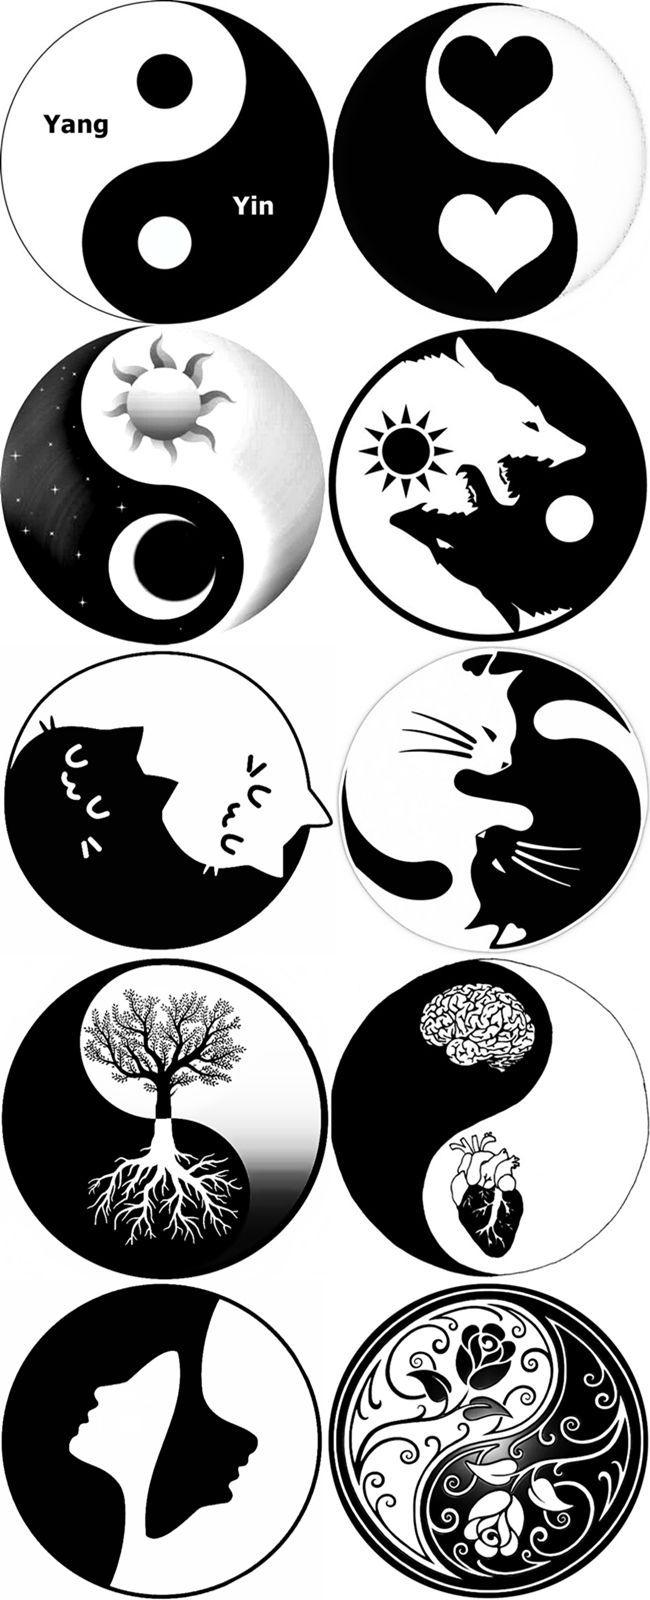 Conseils Pour Economiser Creations Recyclage Yin Et Yang Yin Yang Art Tattoo Art Drawings Ying Yang Art